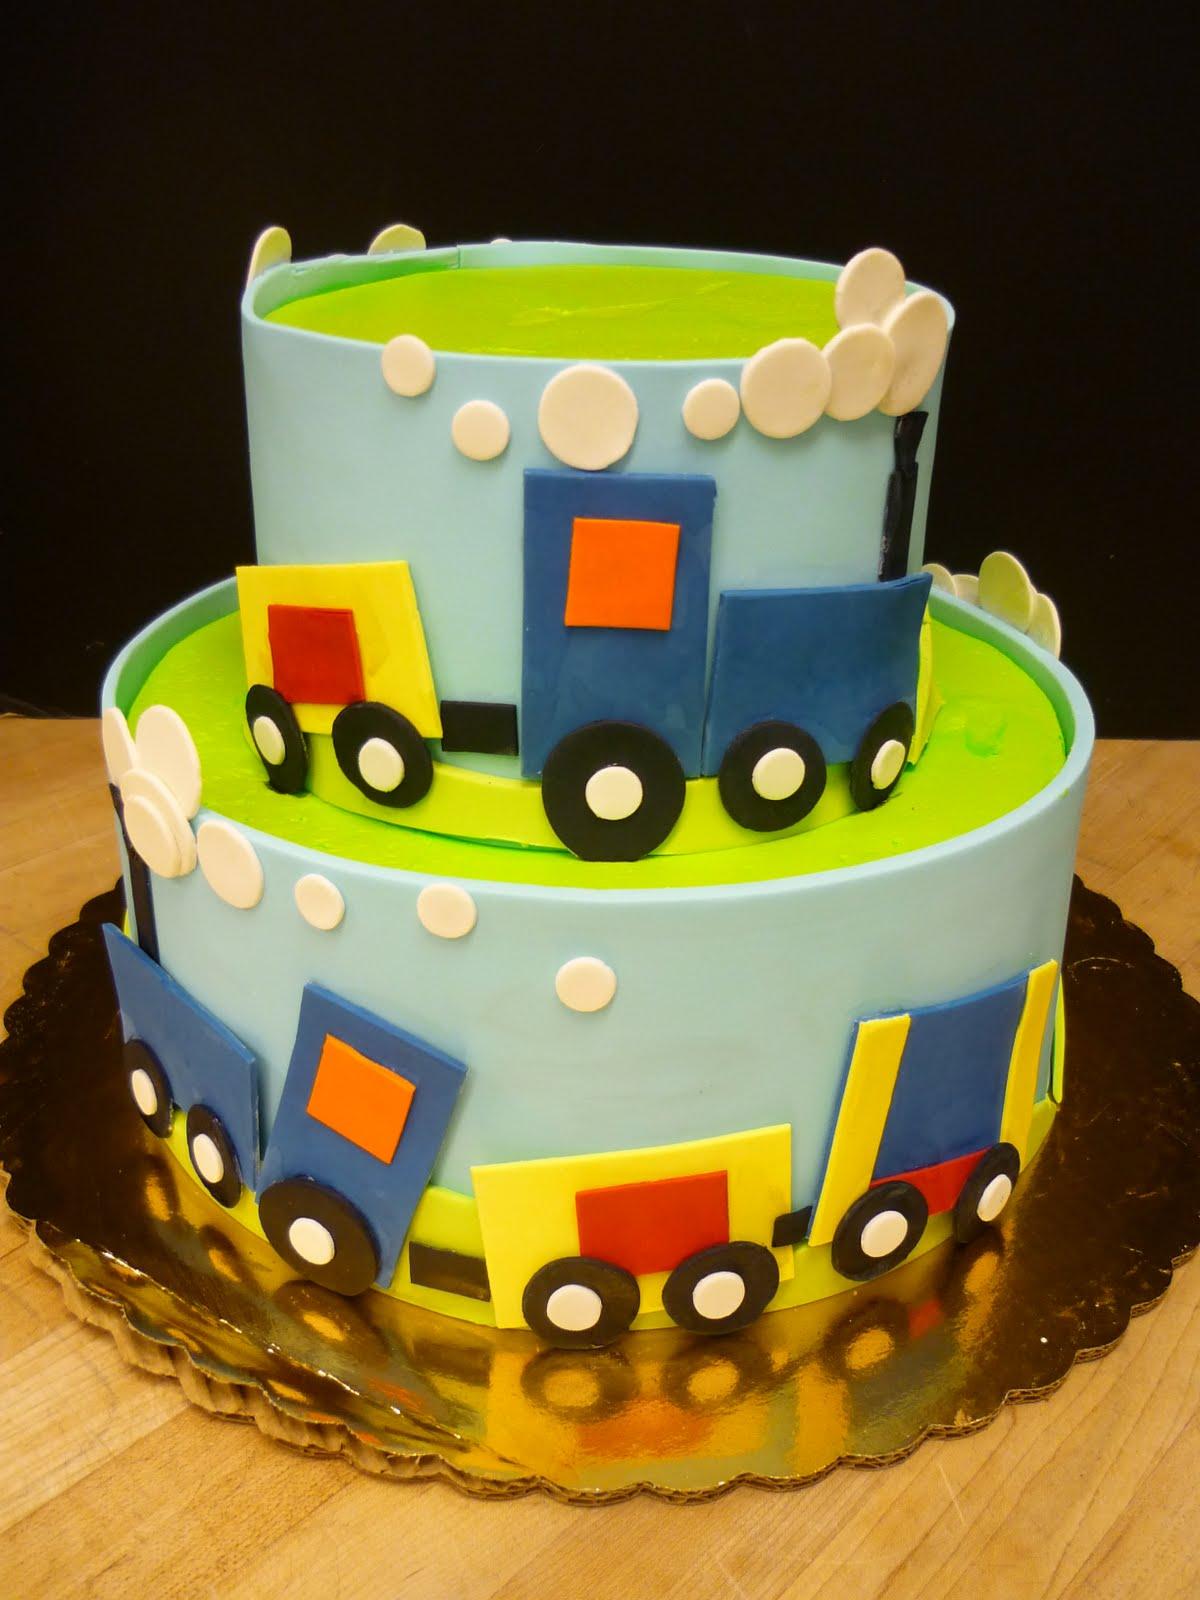 Boys Birthday Cakes 11 Children Photo Cake Ideas